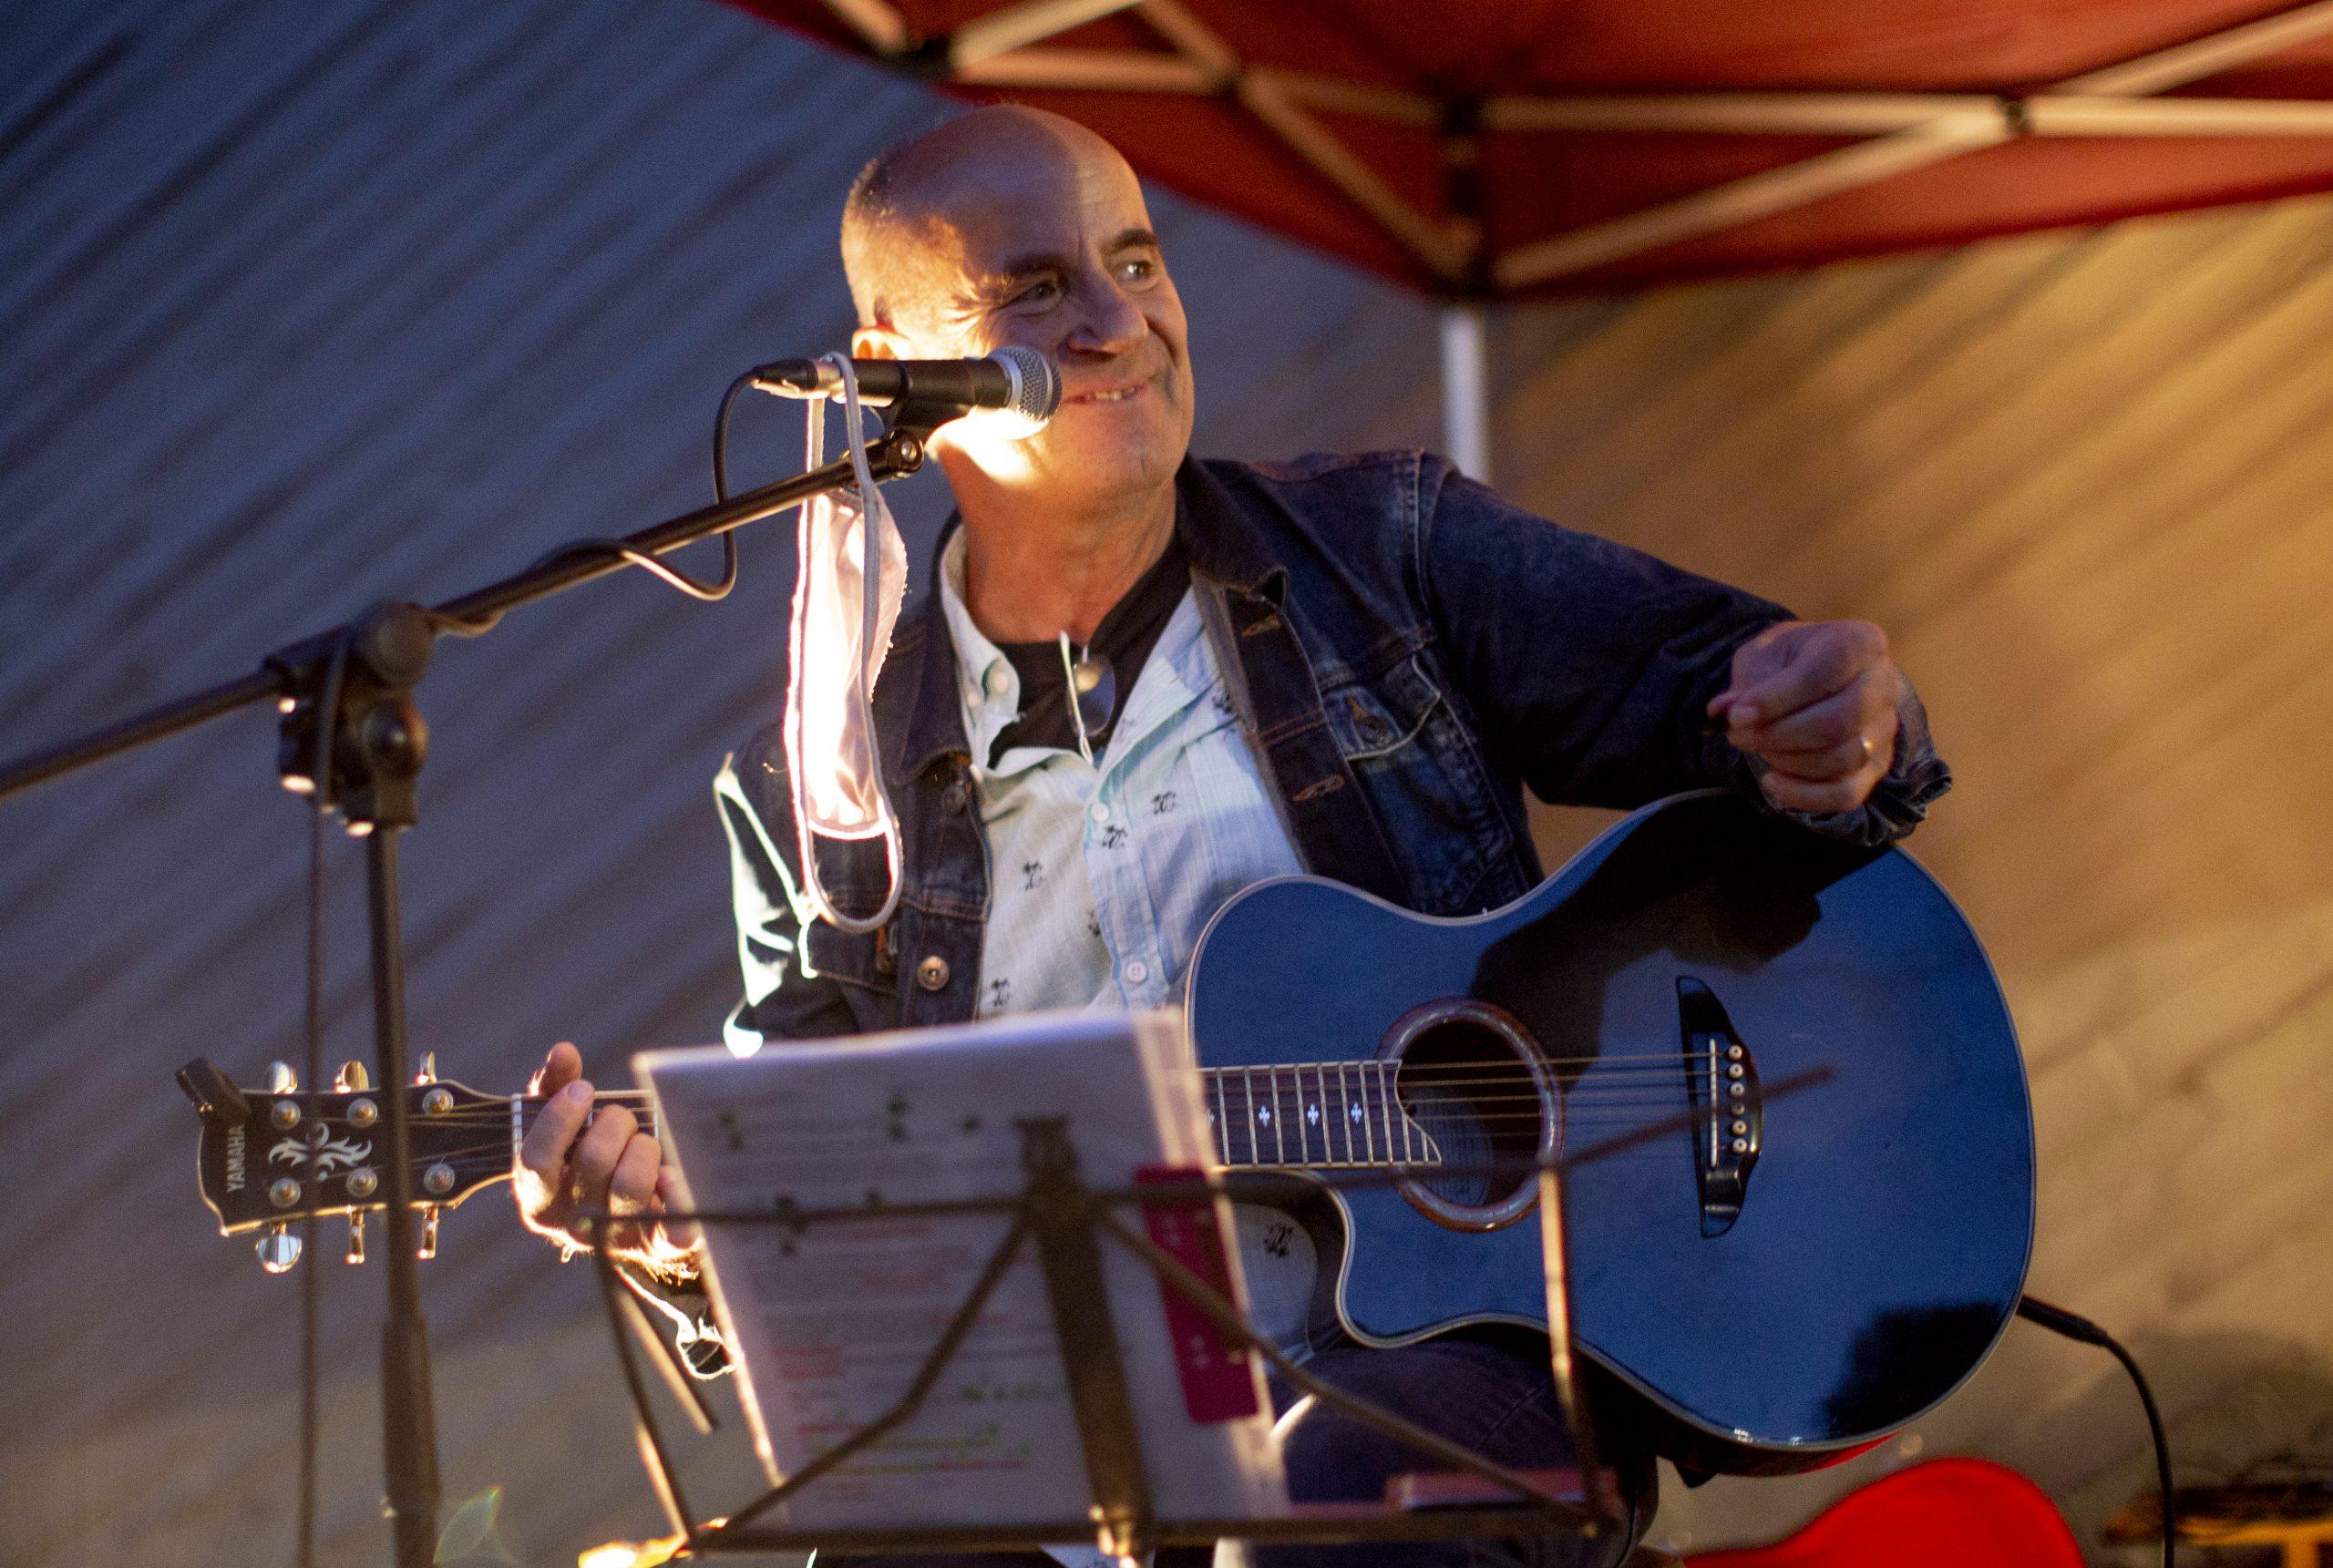 Lino Wischeid von der Band Heartliners beim Doppelkonzert an unserer KULTURKIRCHE OST. Foto: Thilo Schmülgen